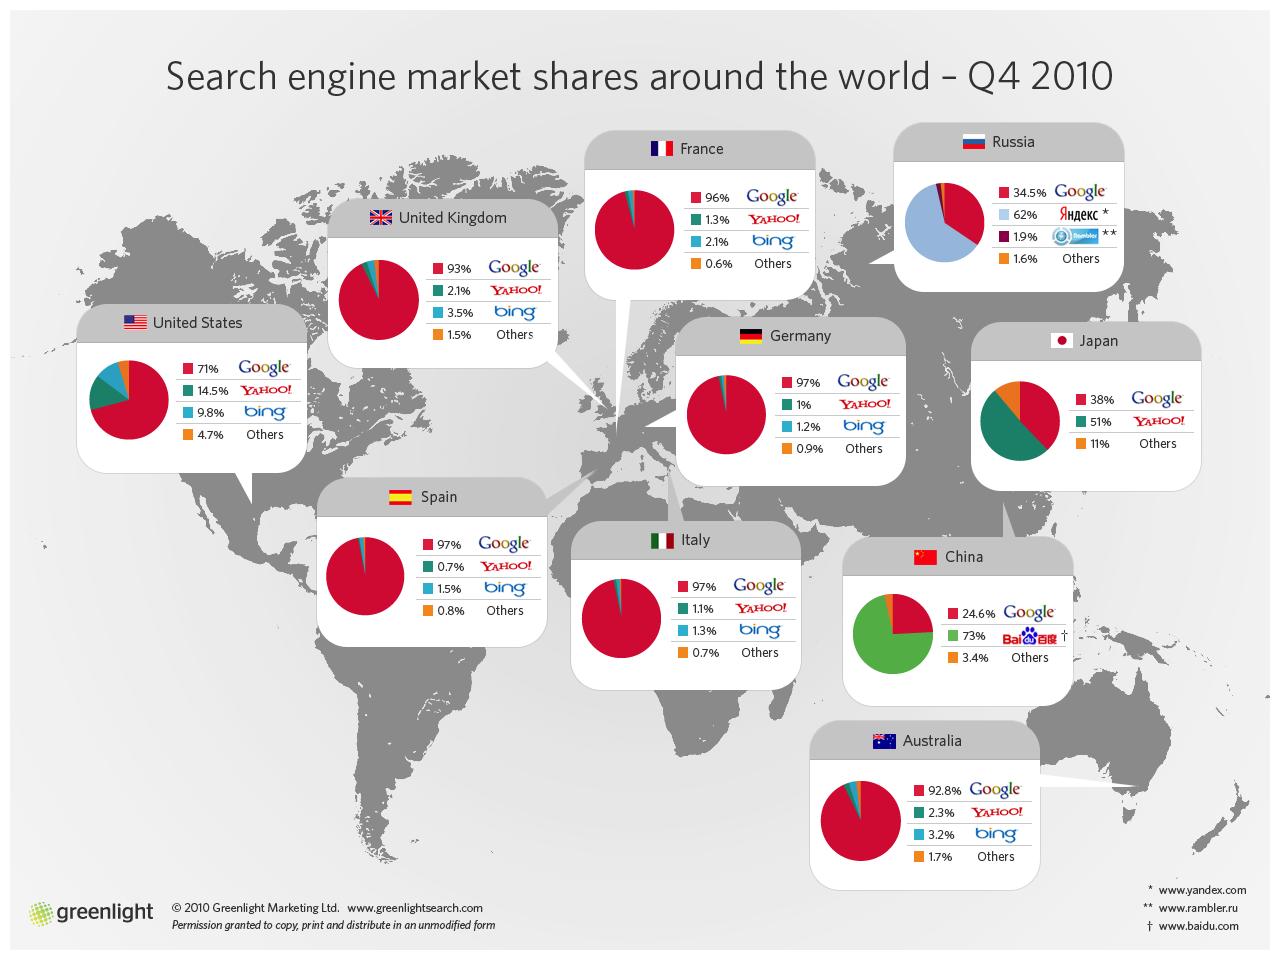 Répartition des parts de marchés des moteurs de recherche du quatrième trimestre